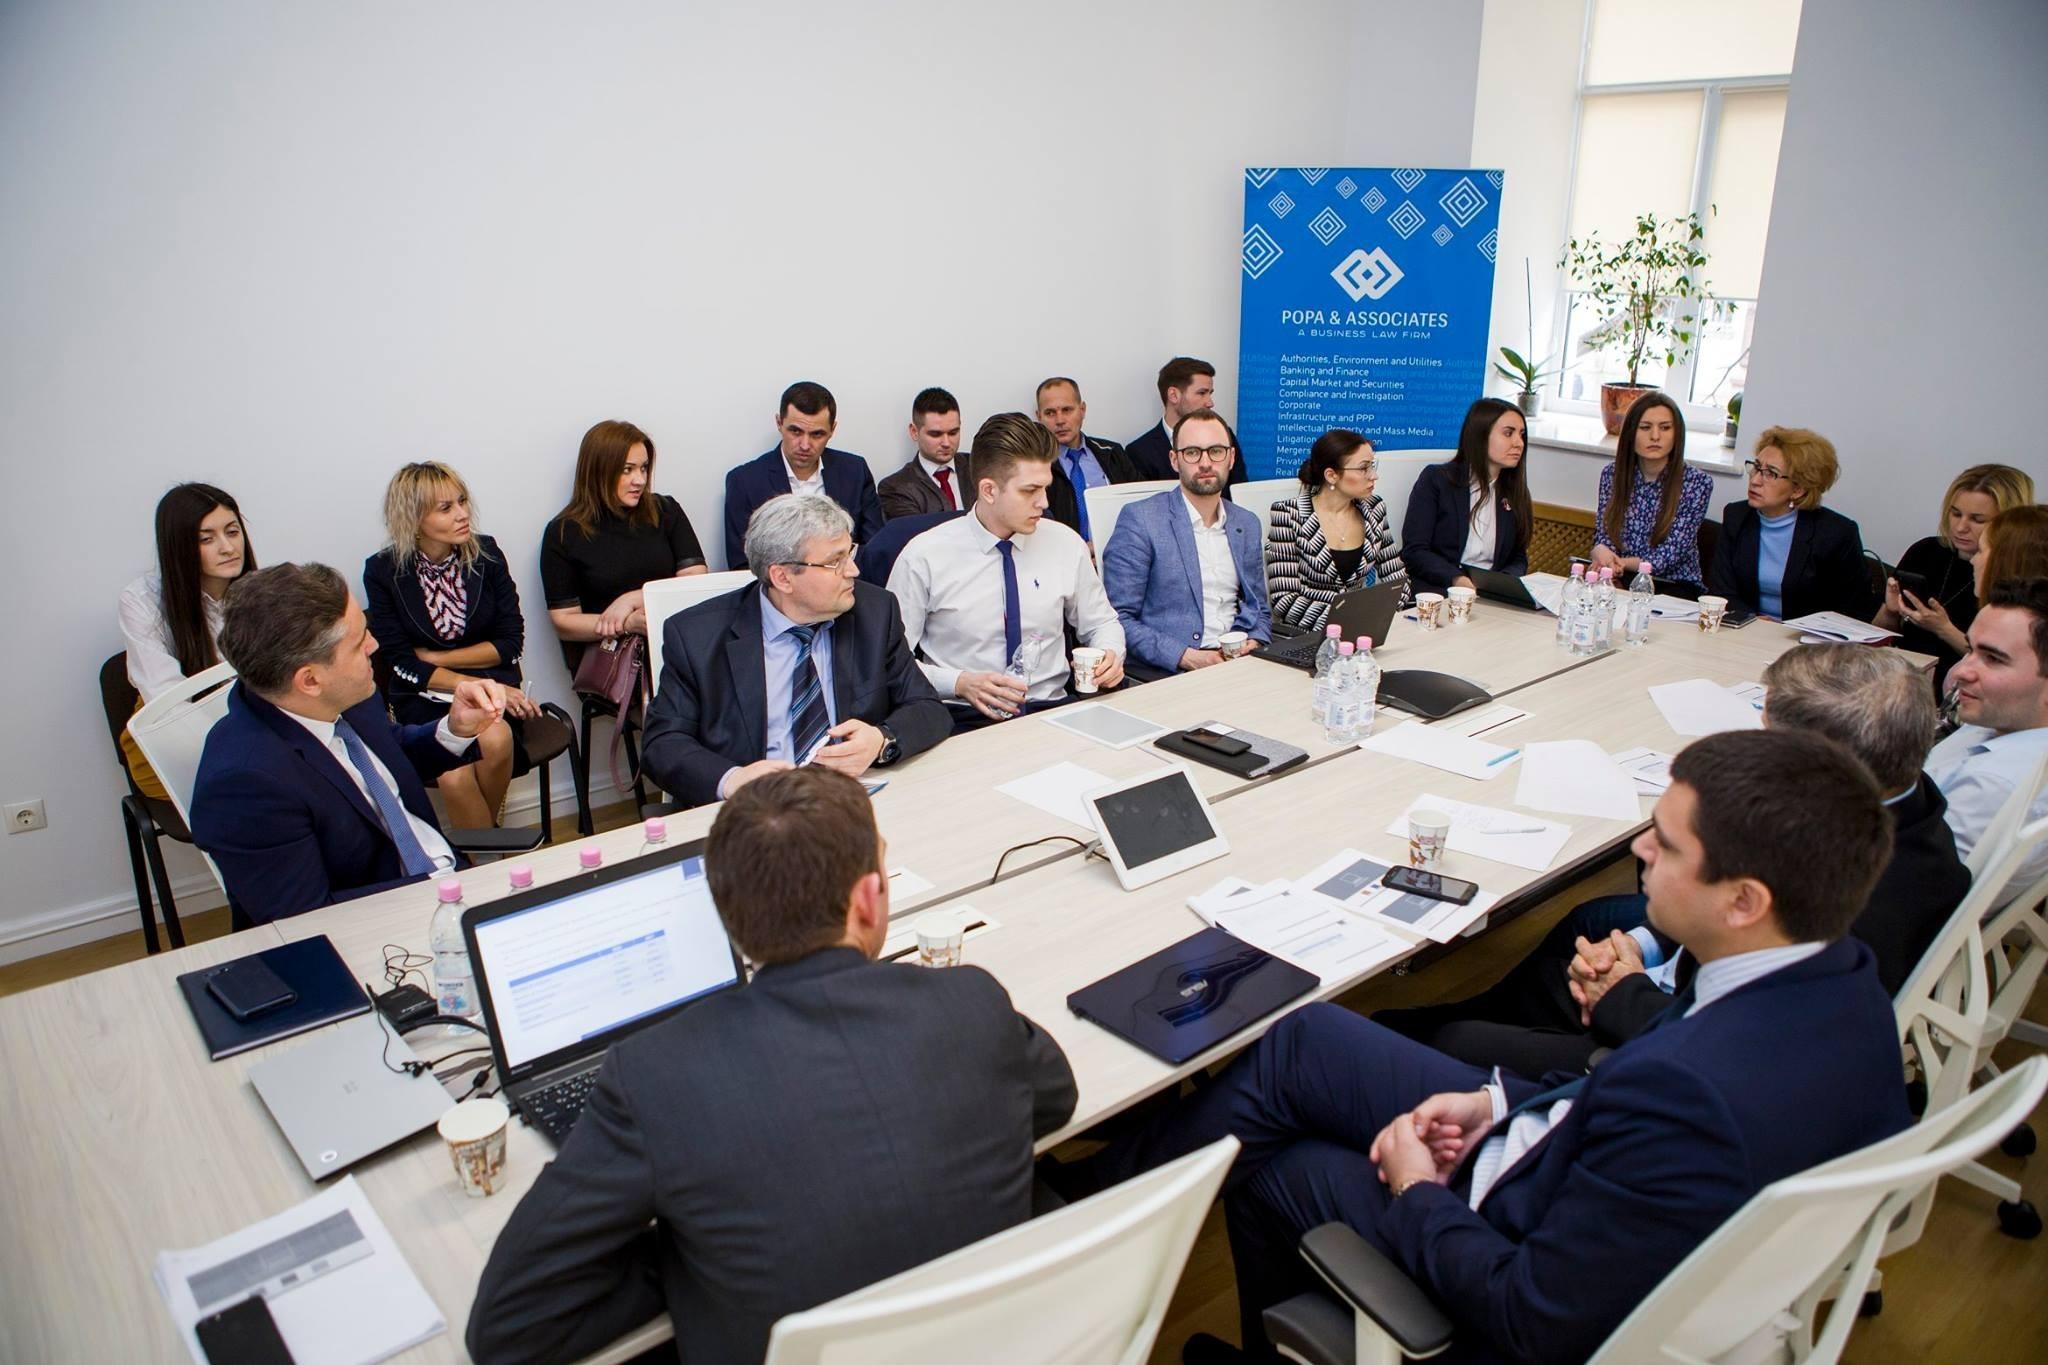 Asigurarea de protecție juridică. De ce este nevoie în Republica Moldova de un asemenea produs?